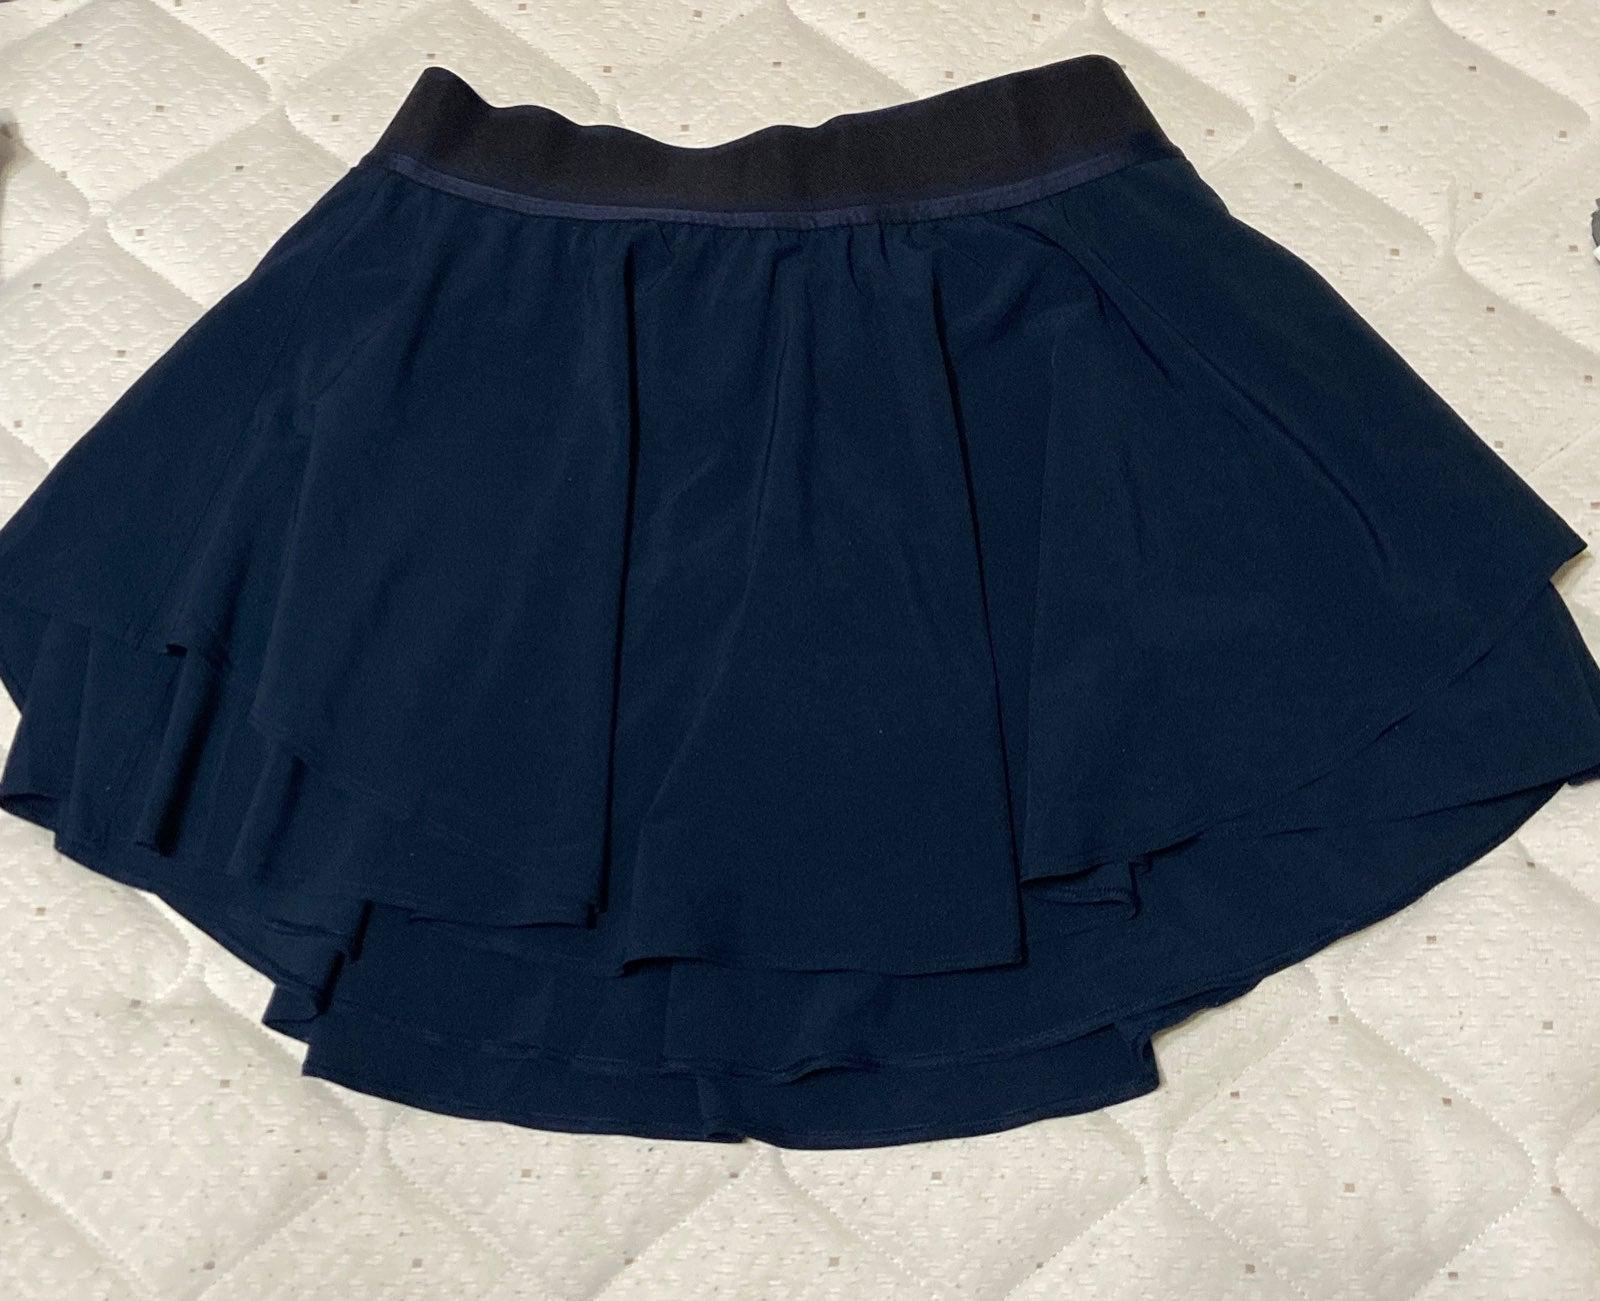 Lululemon court rival skirt